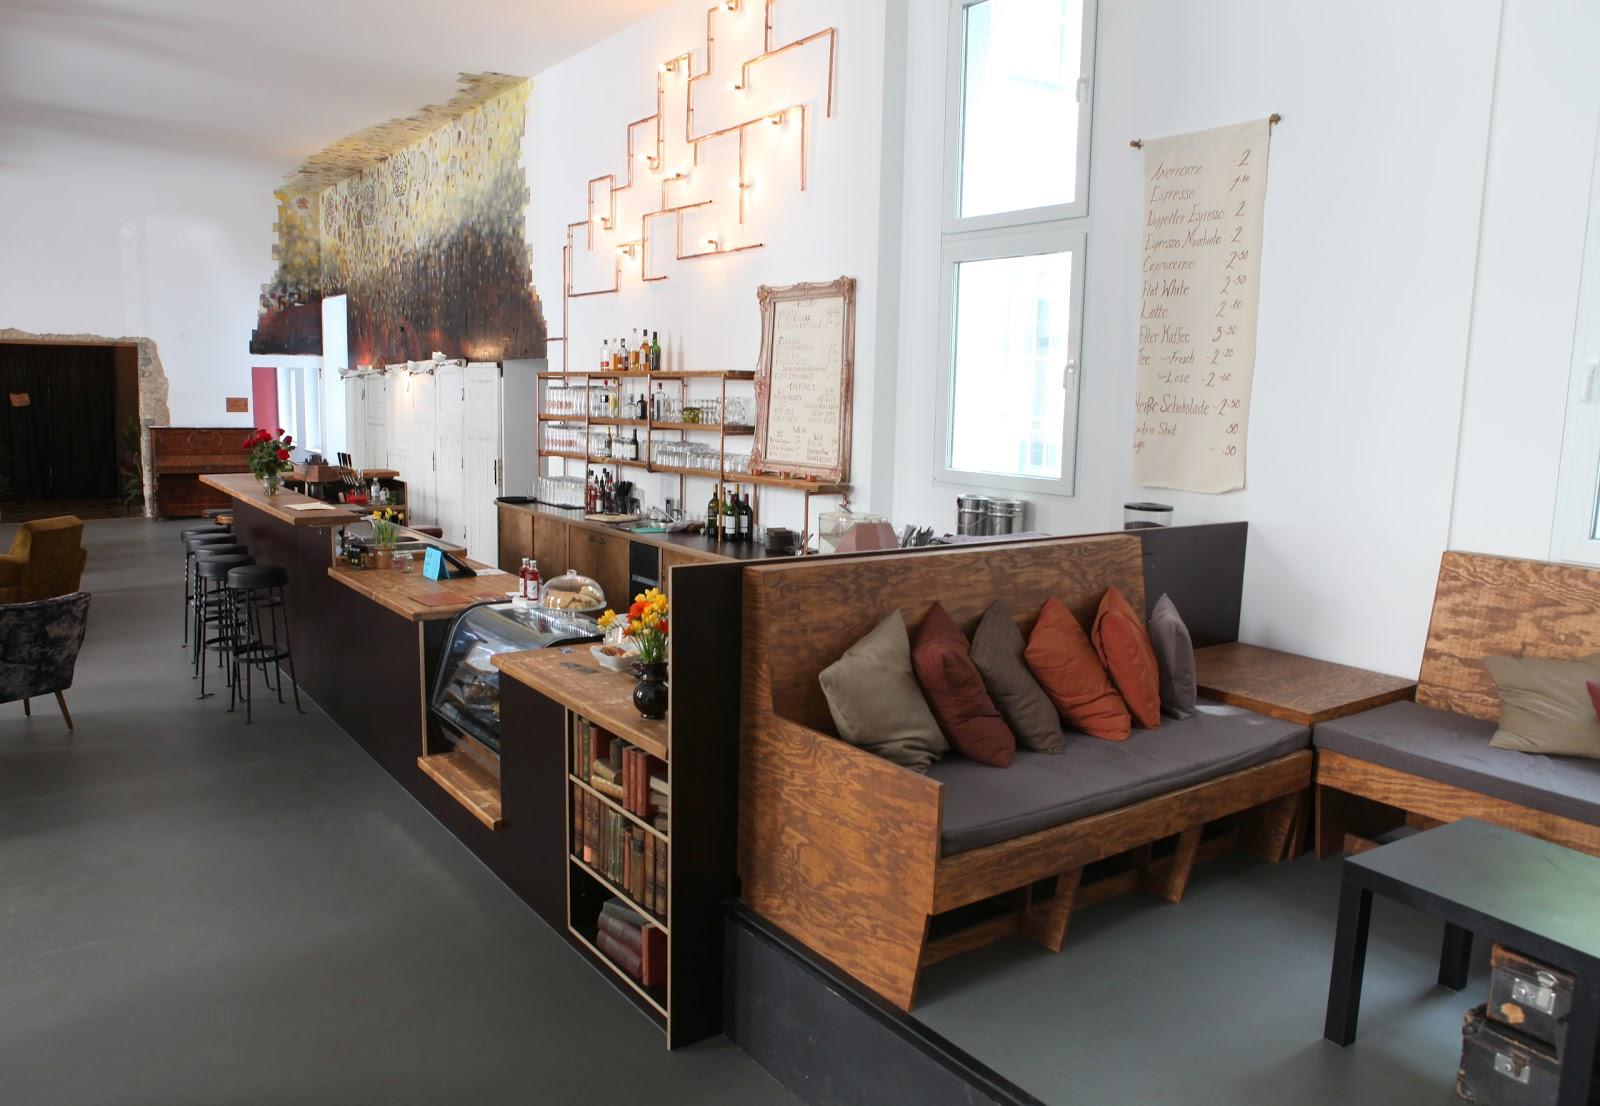 Prachtwerk: A Work-Friendly Place in Berlin